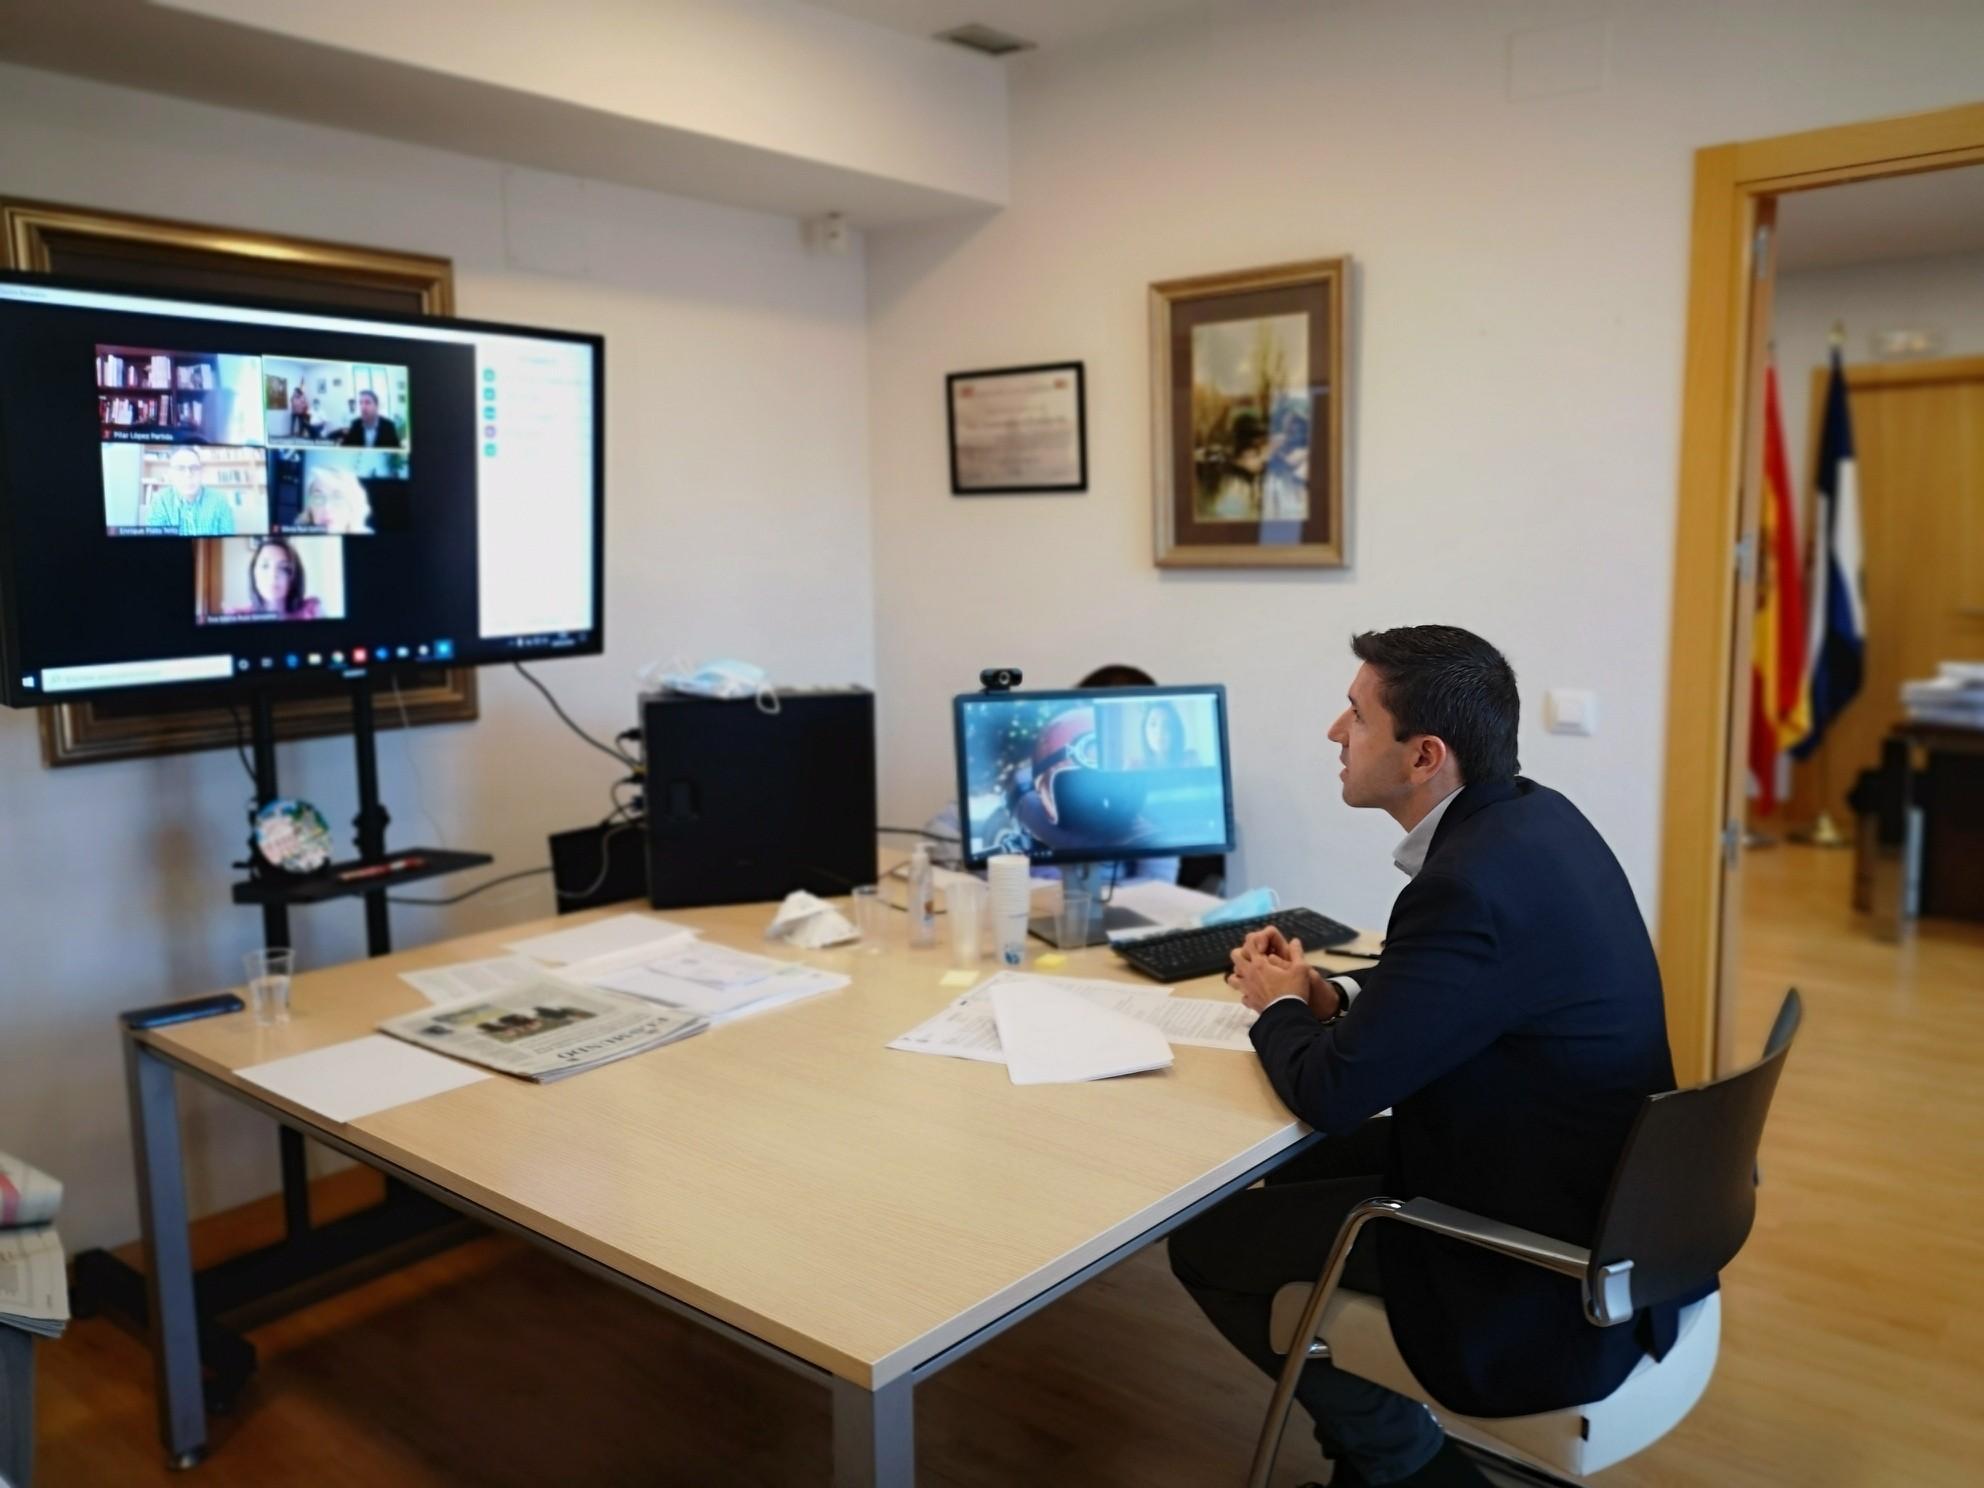 Nueva reunión de la Junta de Portavoces centrada en la concesión de ayudas  a pequeños empresarios y familias de Valdemorillo por valor de 300.000 euros